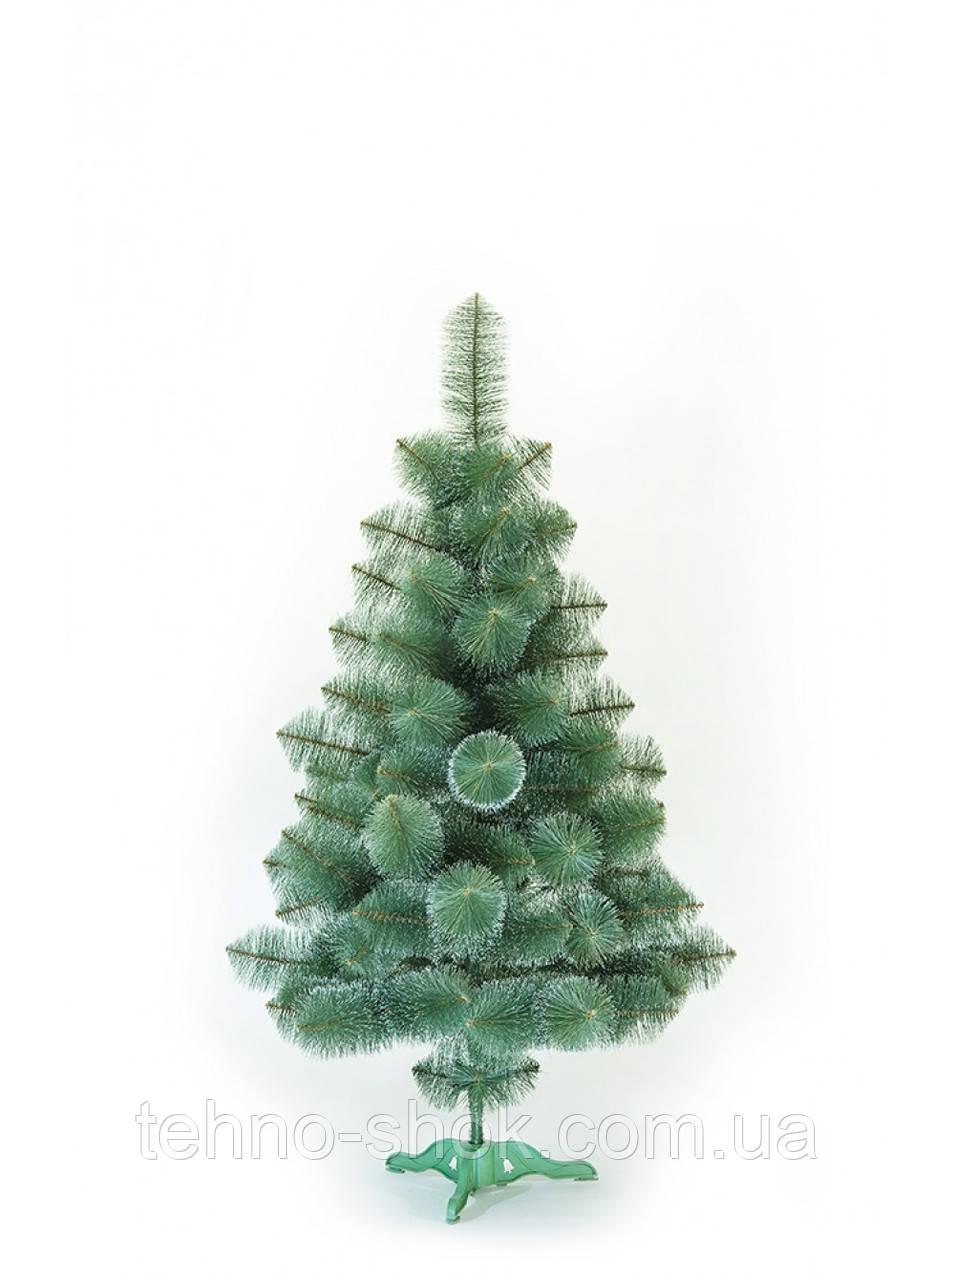 Сосна искусственная зелёная с белыми кончиками 1.8м (СШ-БК-1.8)